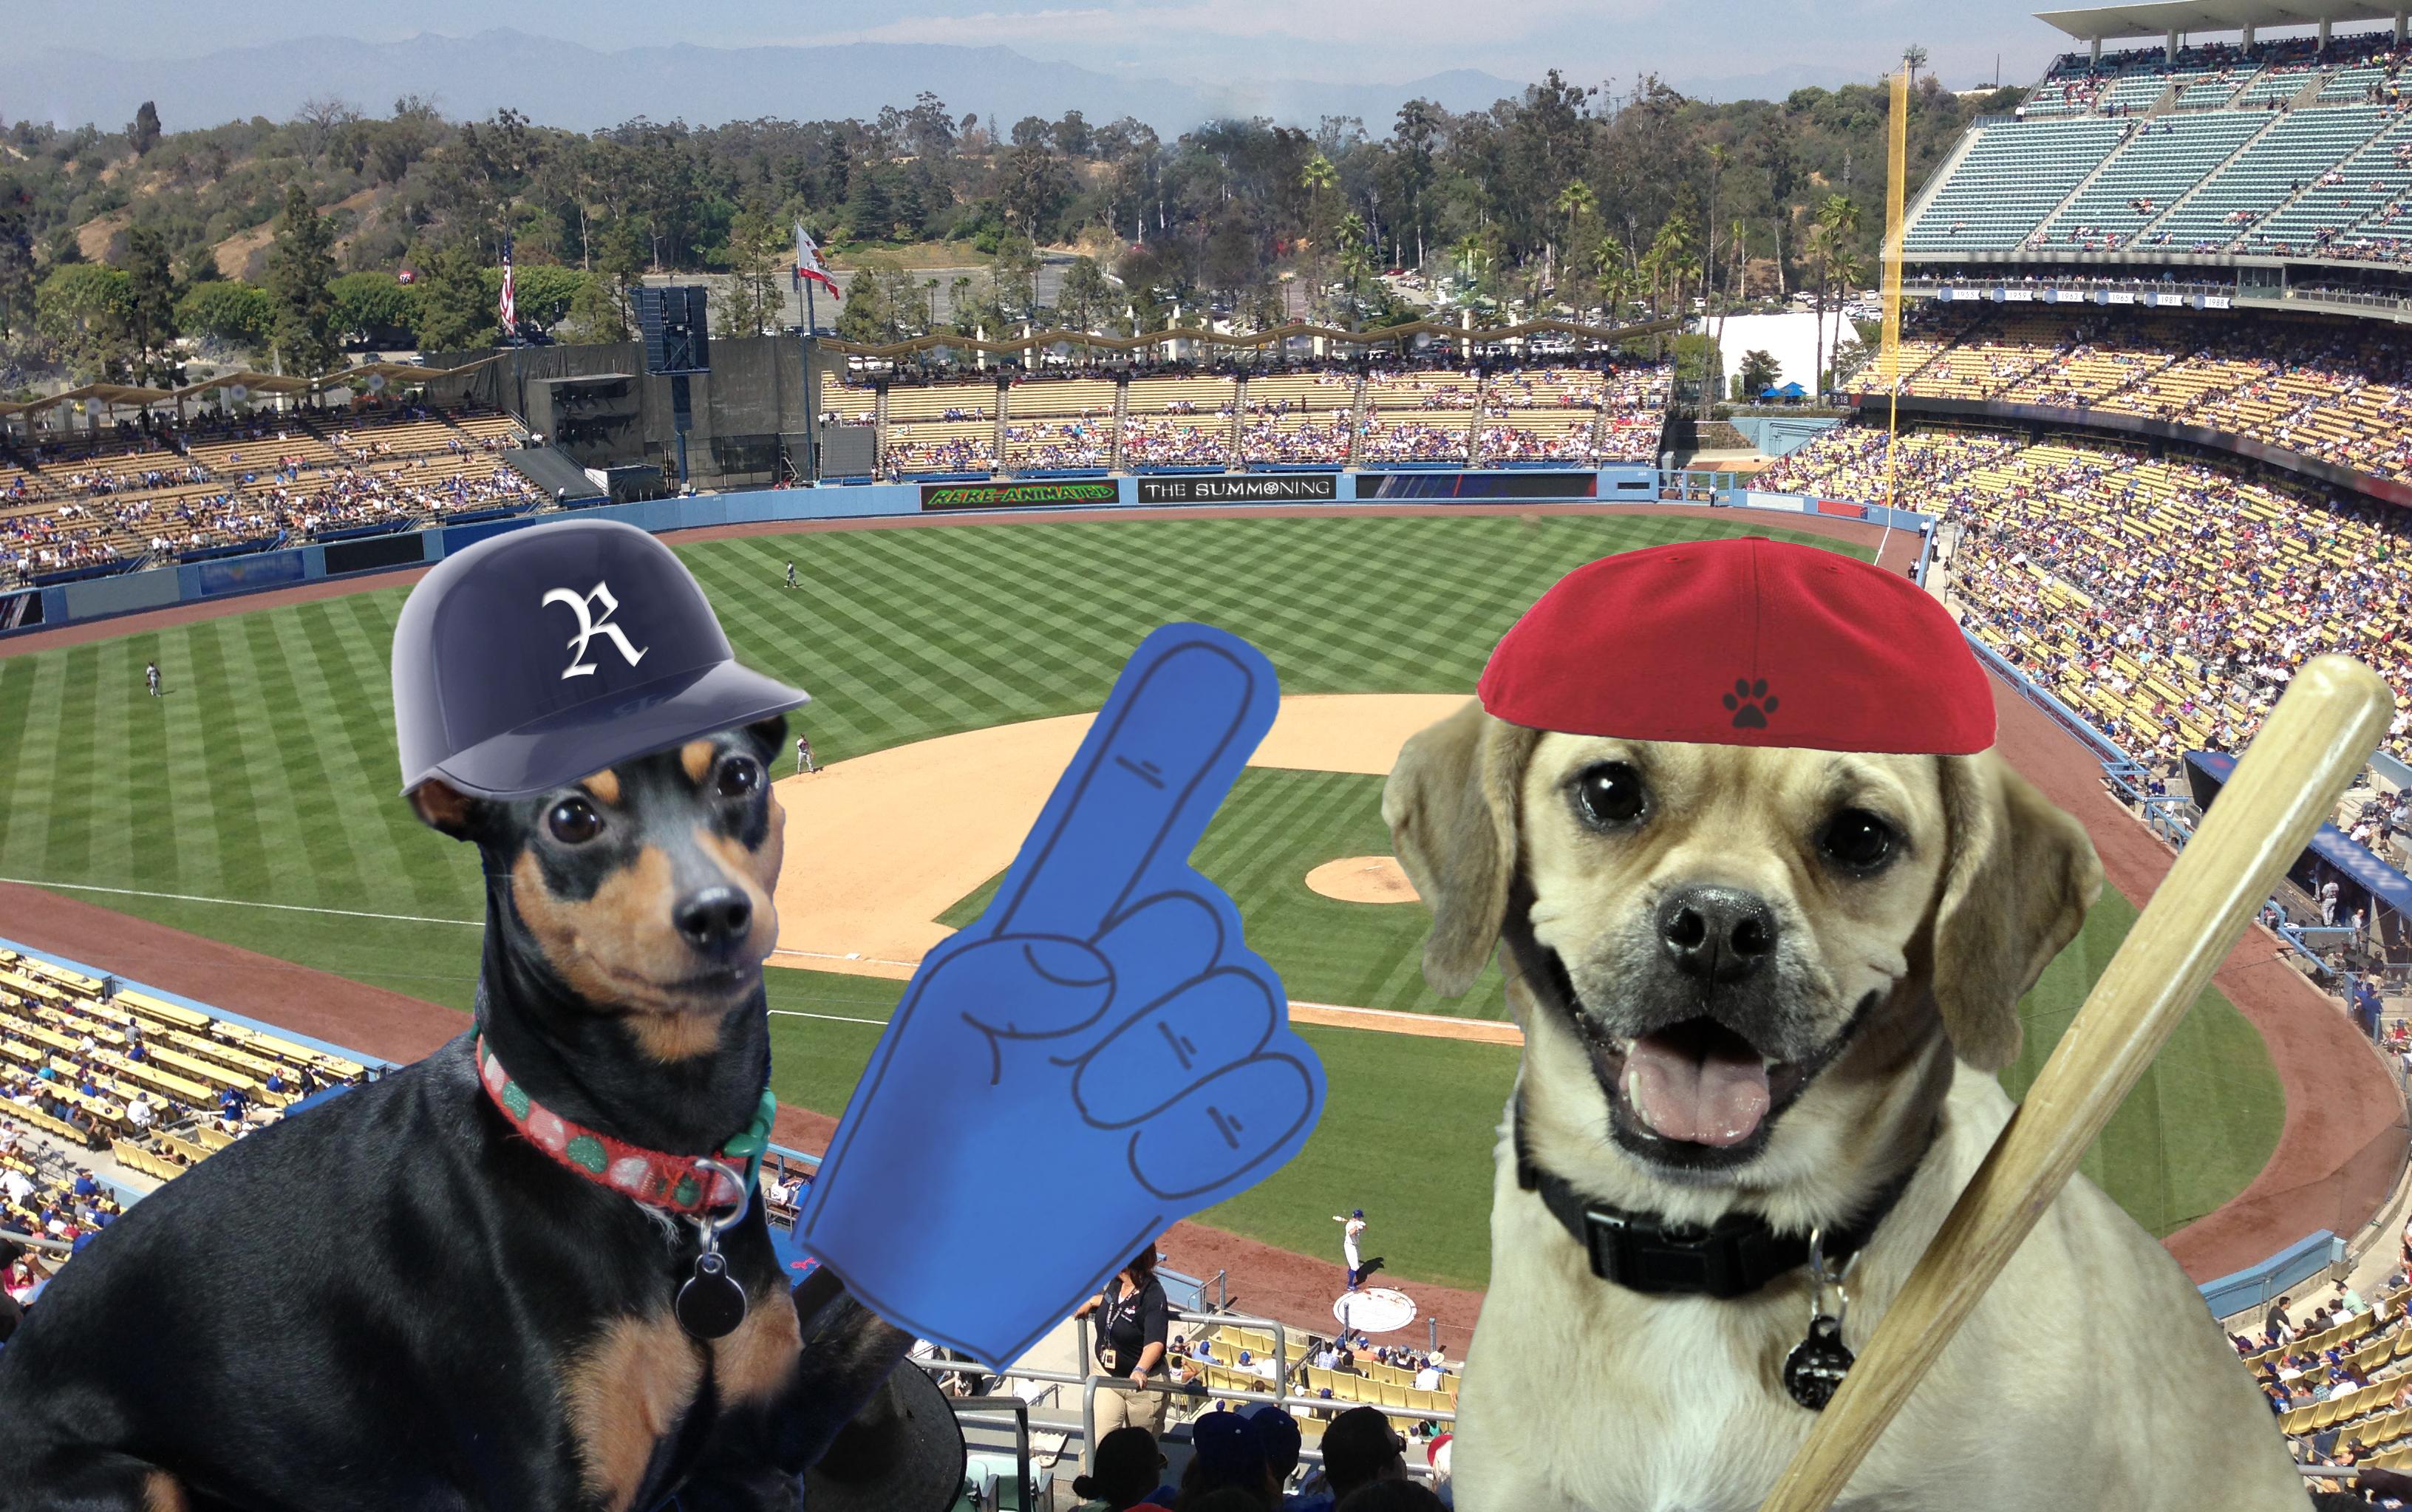 Pugzy baseball